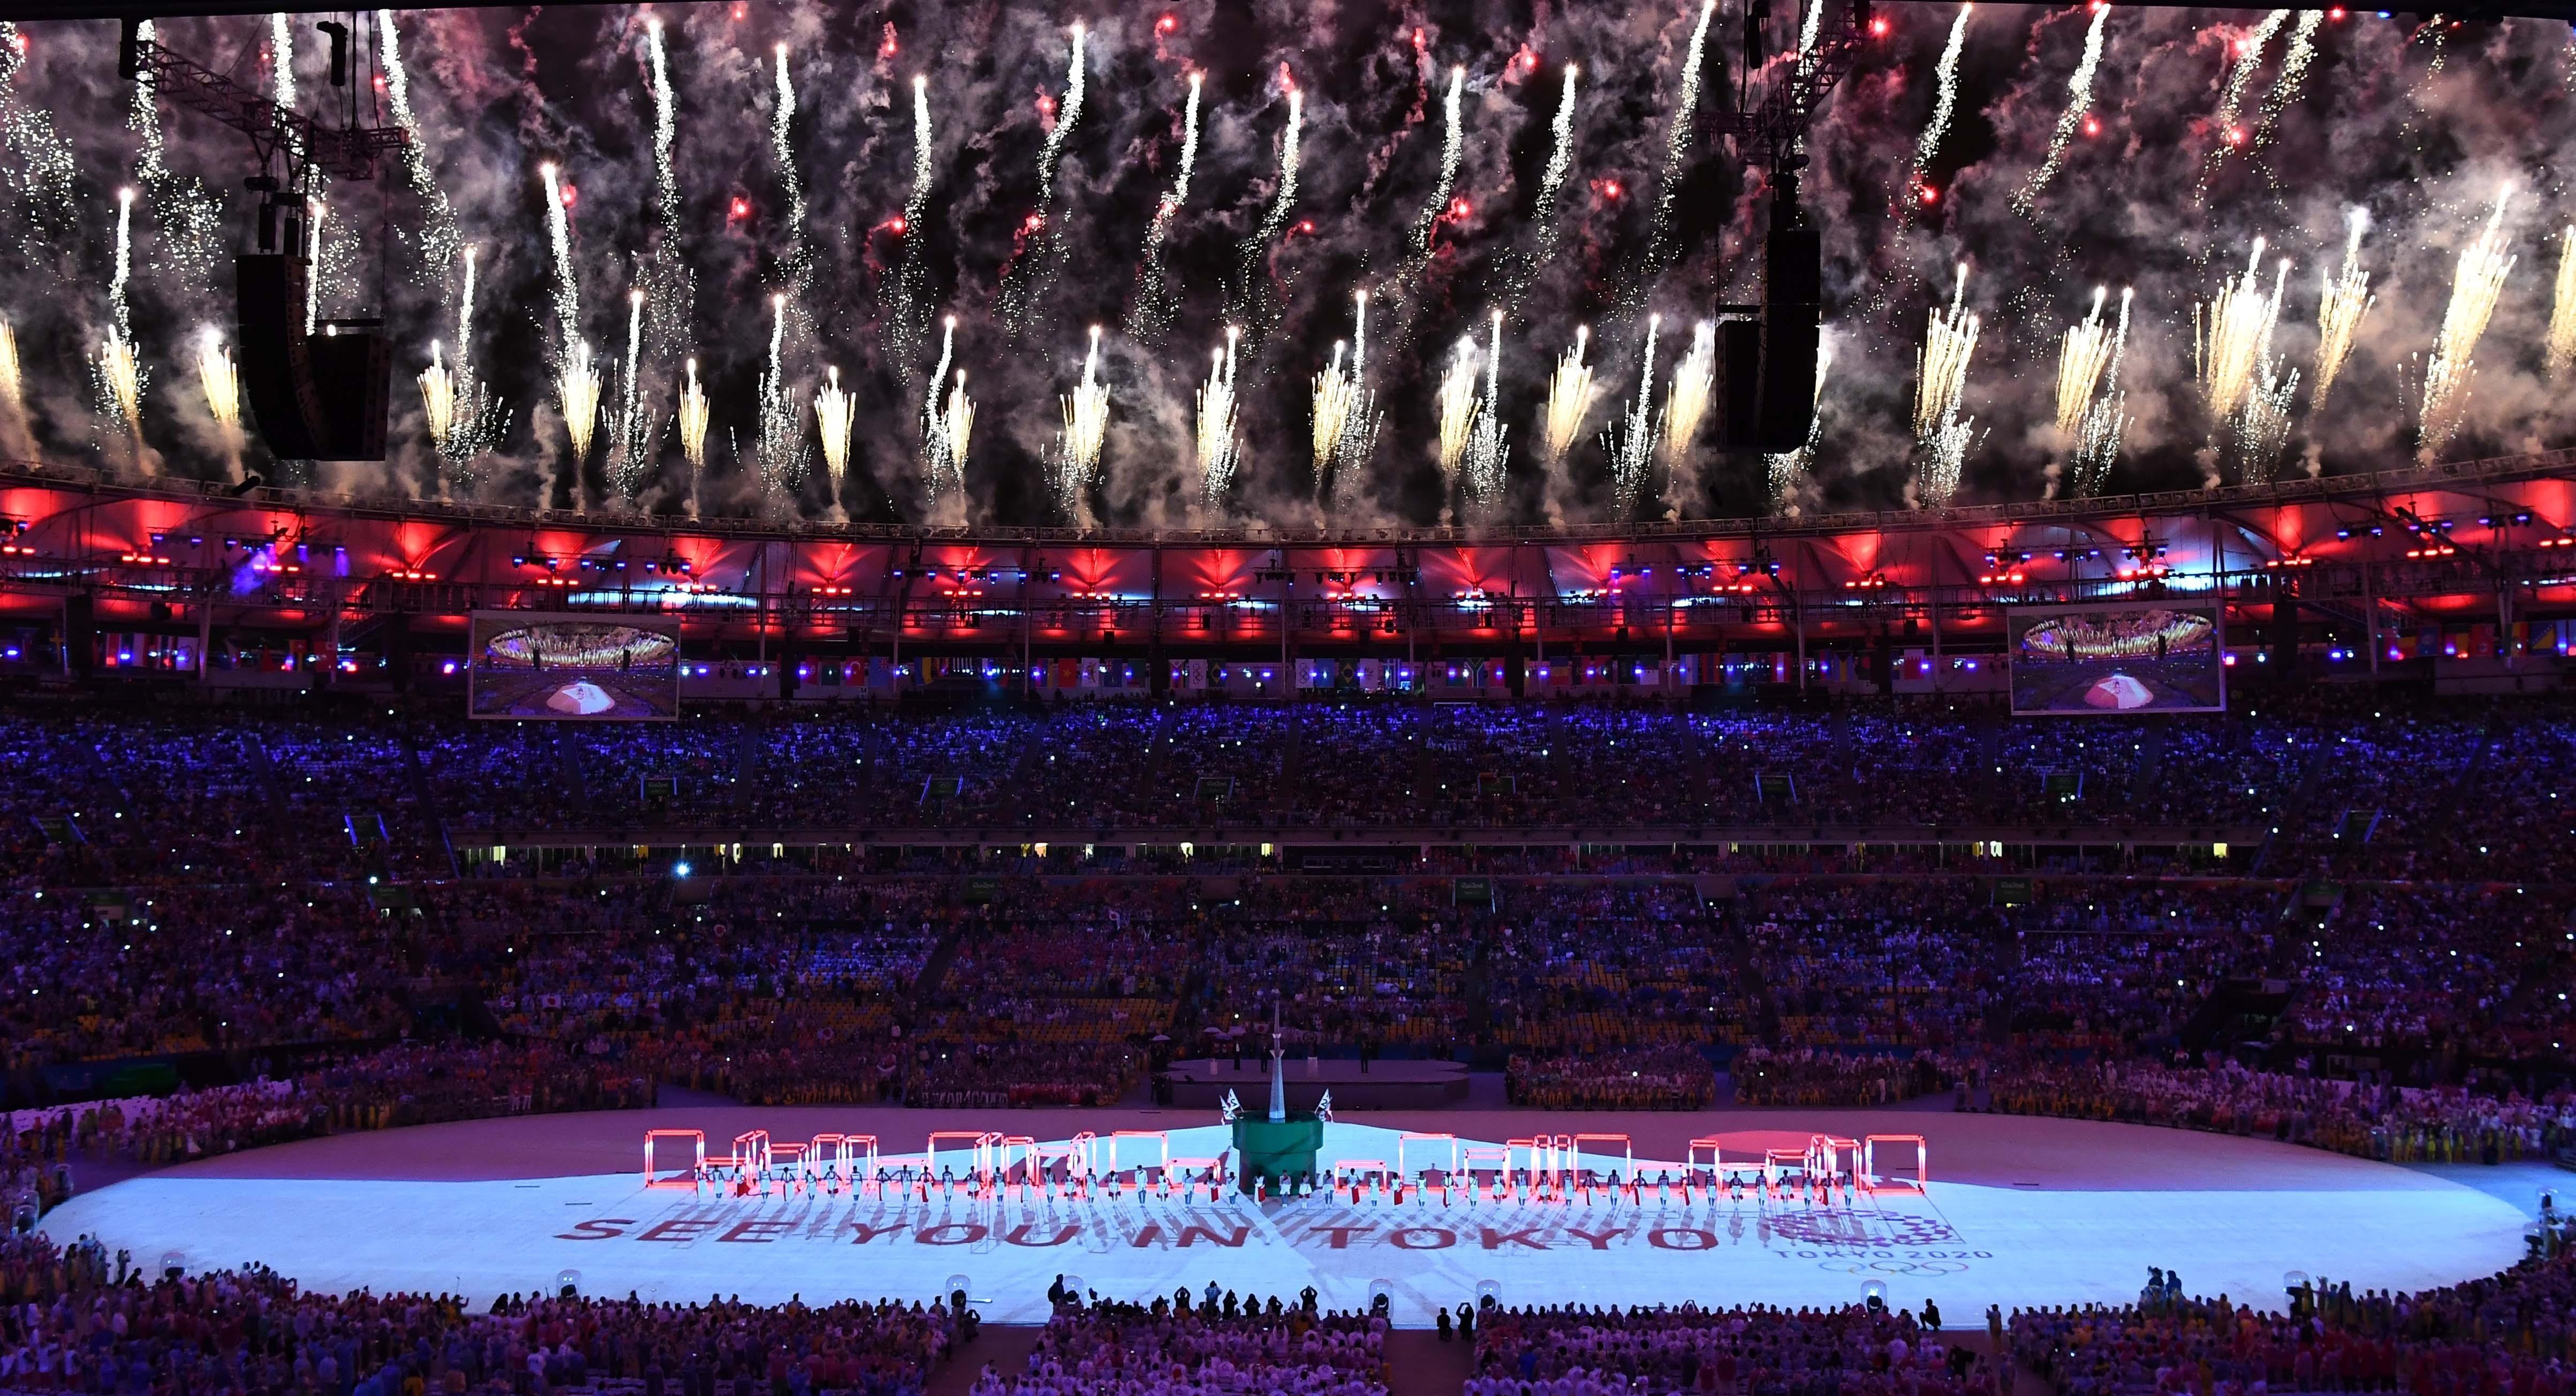 (160821) -- RIO DE JANEIRO, agosto 21, 2016 (Xinhua) -- Artistas de Japón participan en el segmento de Tokio 2020, durante la ceremonia de clausura de los Juegos Olímpicos de Río de Janeiro 2016, en el Estadio Maracaná, en Río de Janeiro, Brasil, el 21 de agosto de 2016. Los Juegos Olímpicos del año 2020 se llevarán a cabo en Tokio. (Xinhua/Yan Yan) (rtg) (ce)